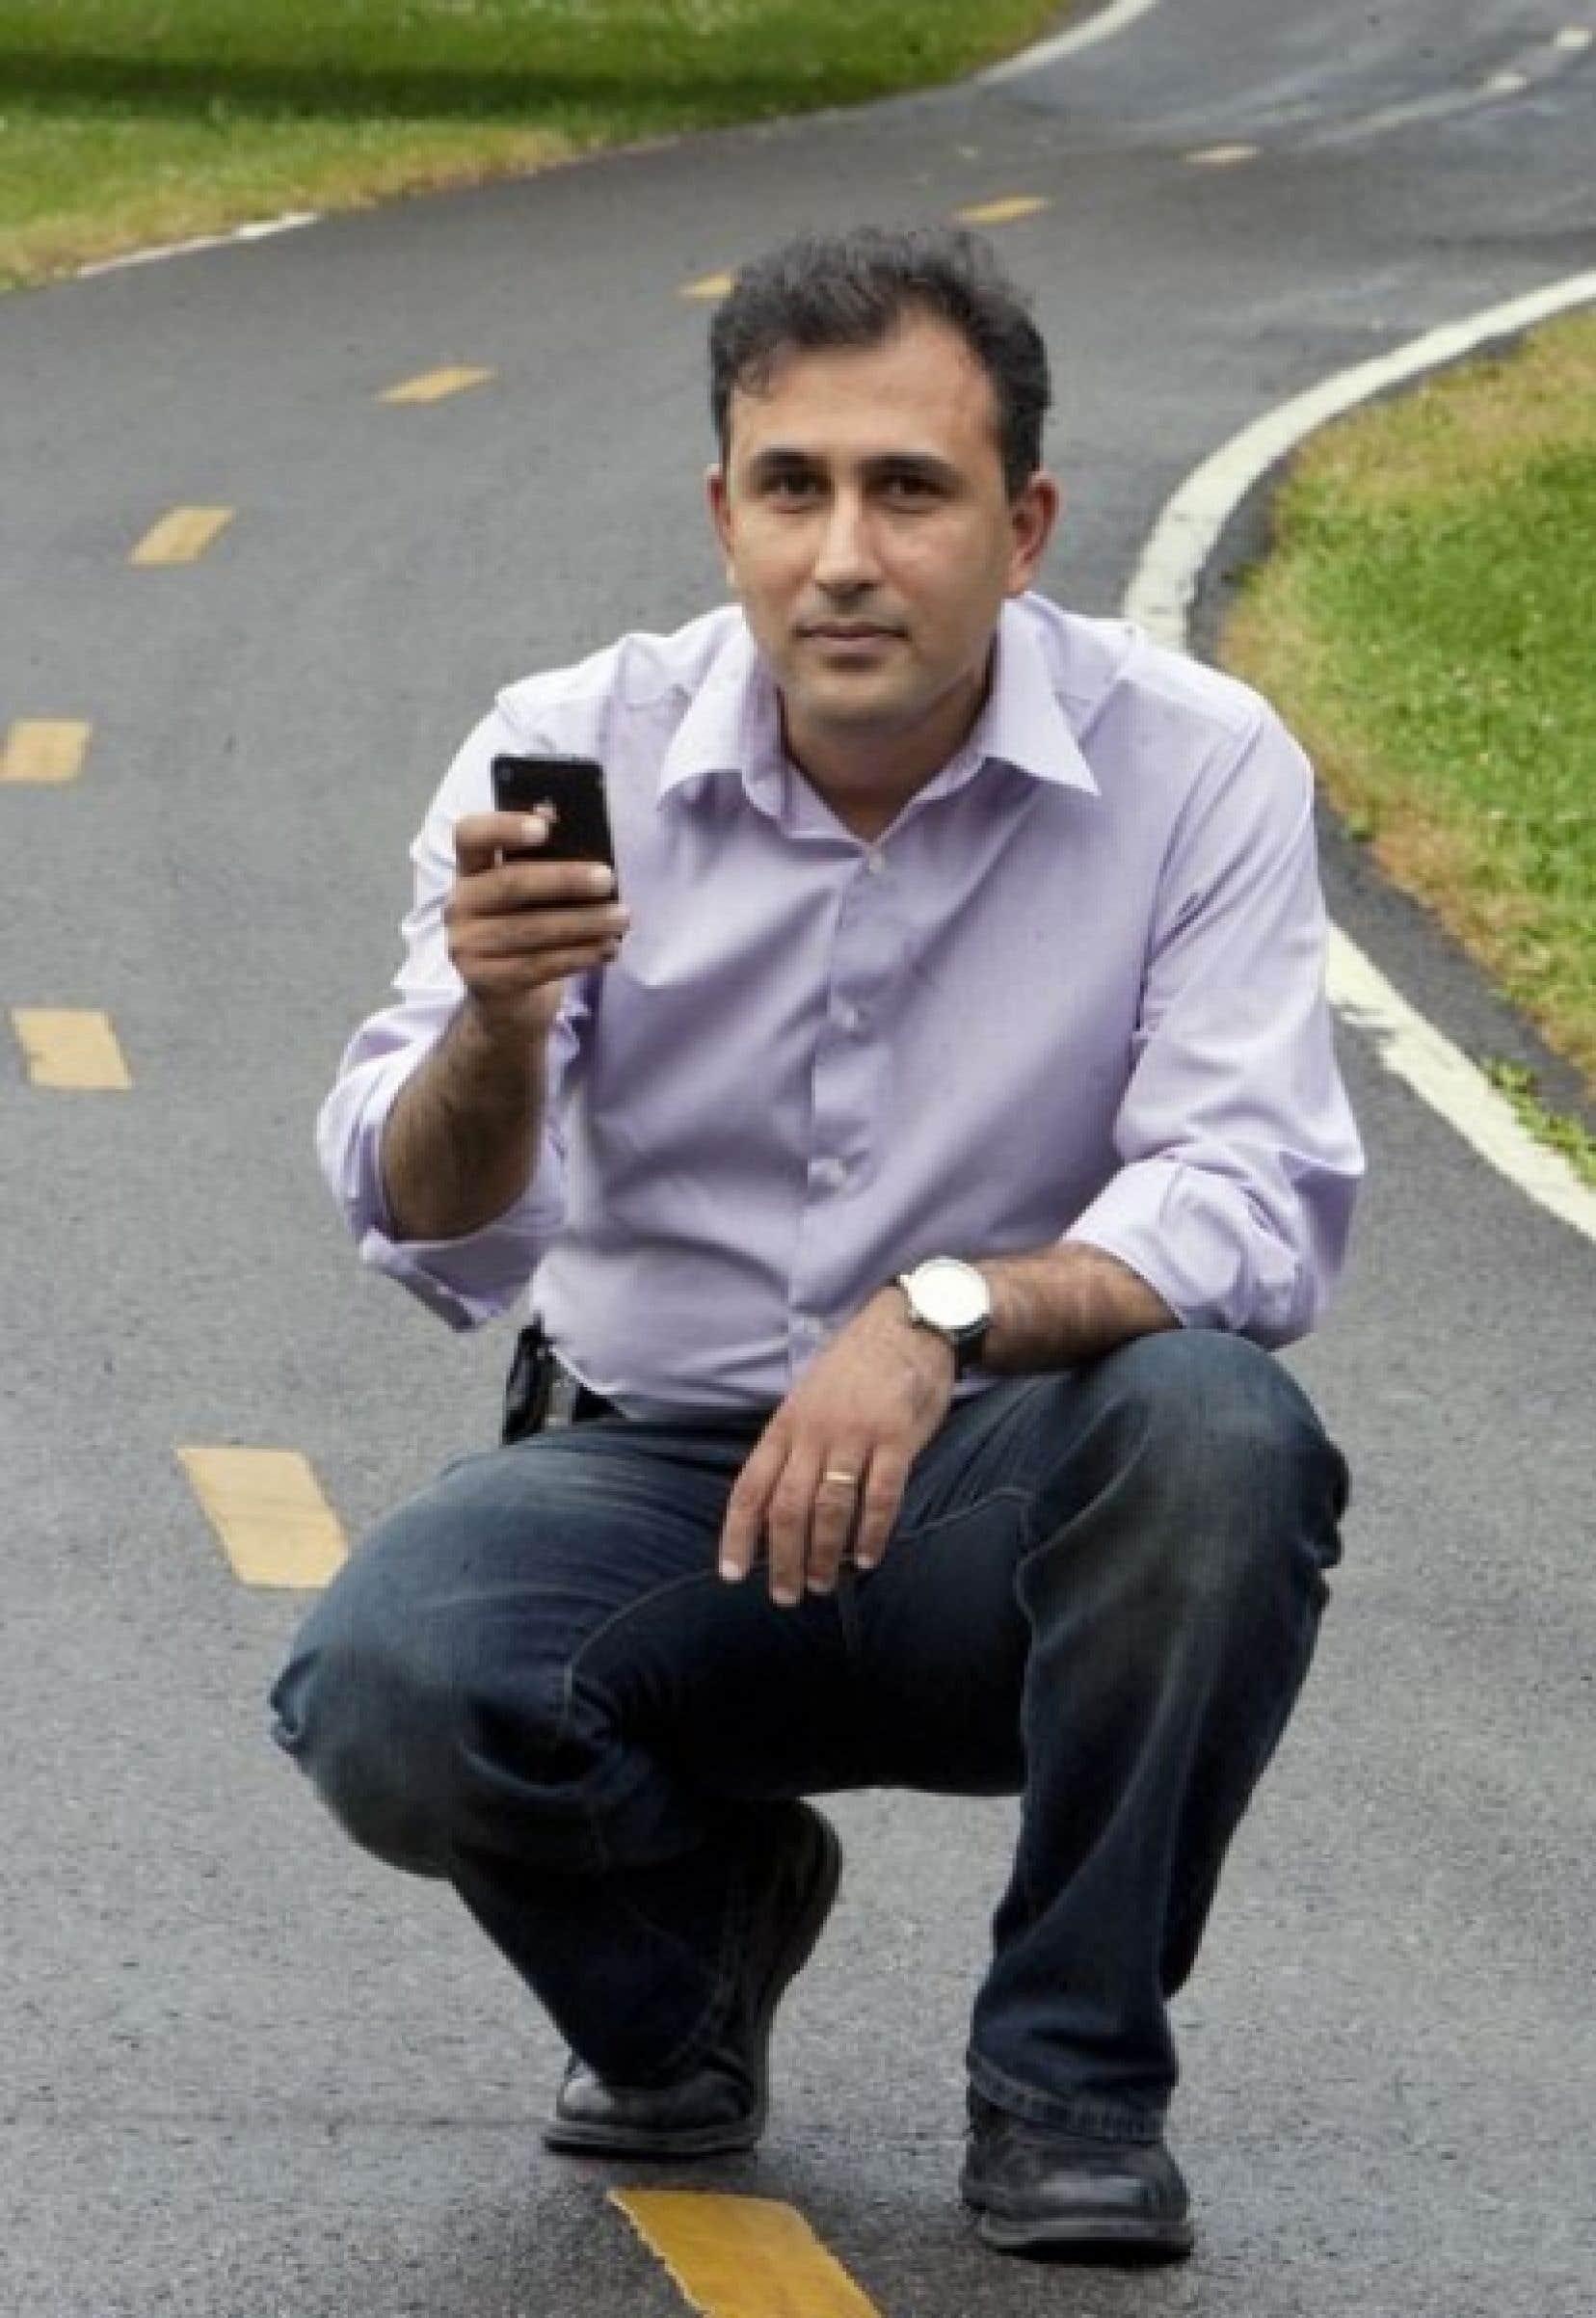 Parler pour convaincre. Parler pour informer. Parler pour faire avancer les choses. Hossein Jamali dit aimer tout ça.